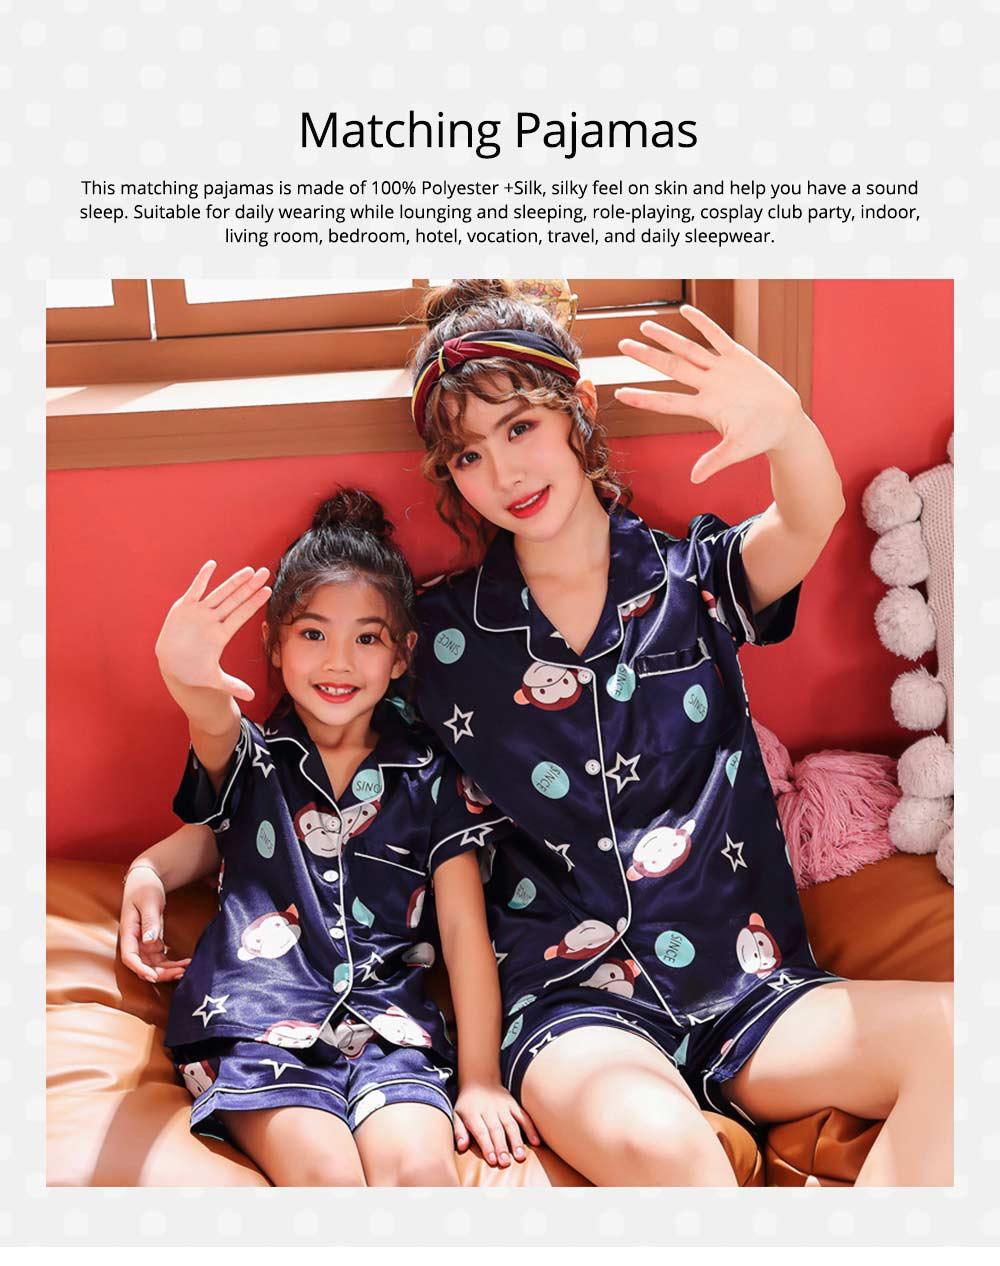 Casual Mother Daughter Pajamas Matching Comfortable Ice Silk Satin Pajama Set with Shirt and Short Pant 0